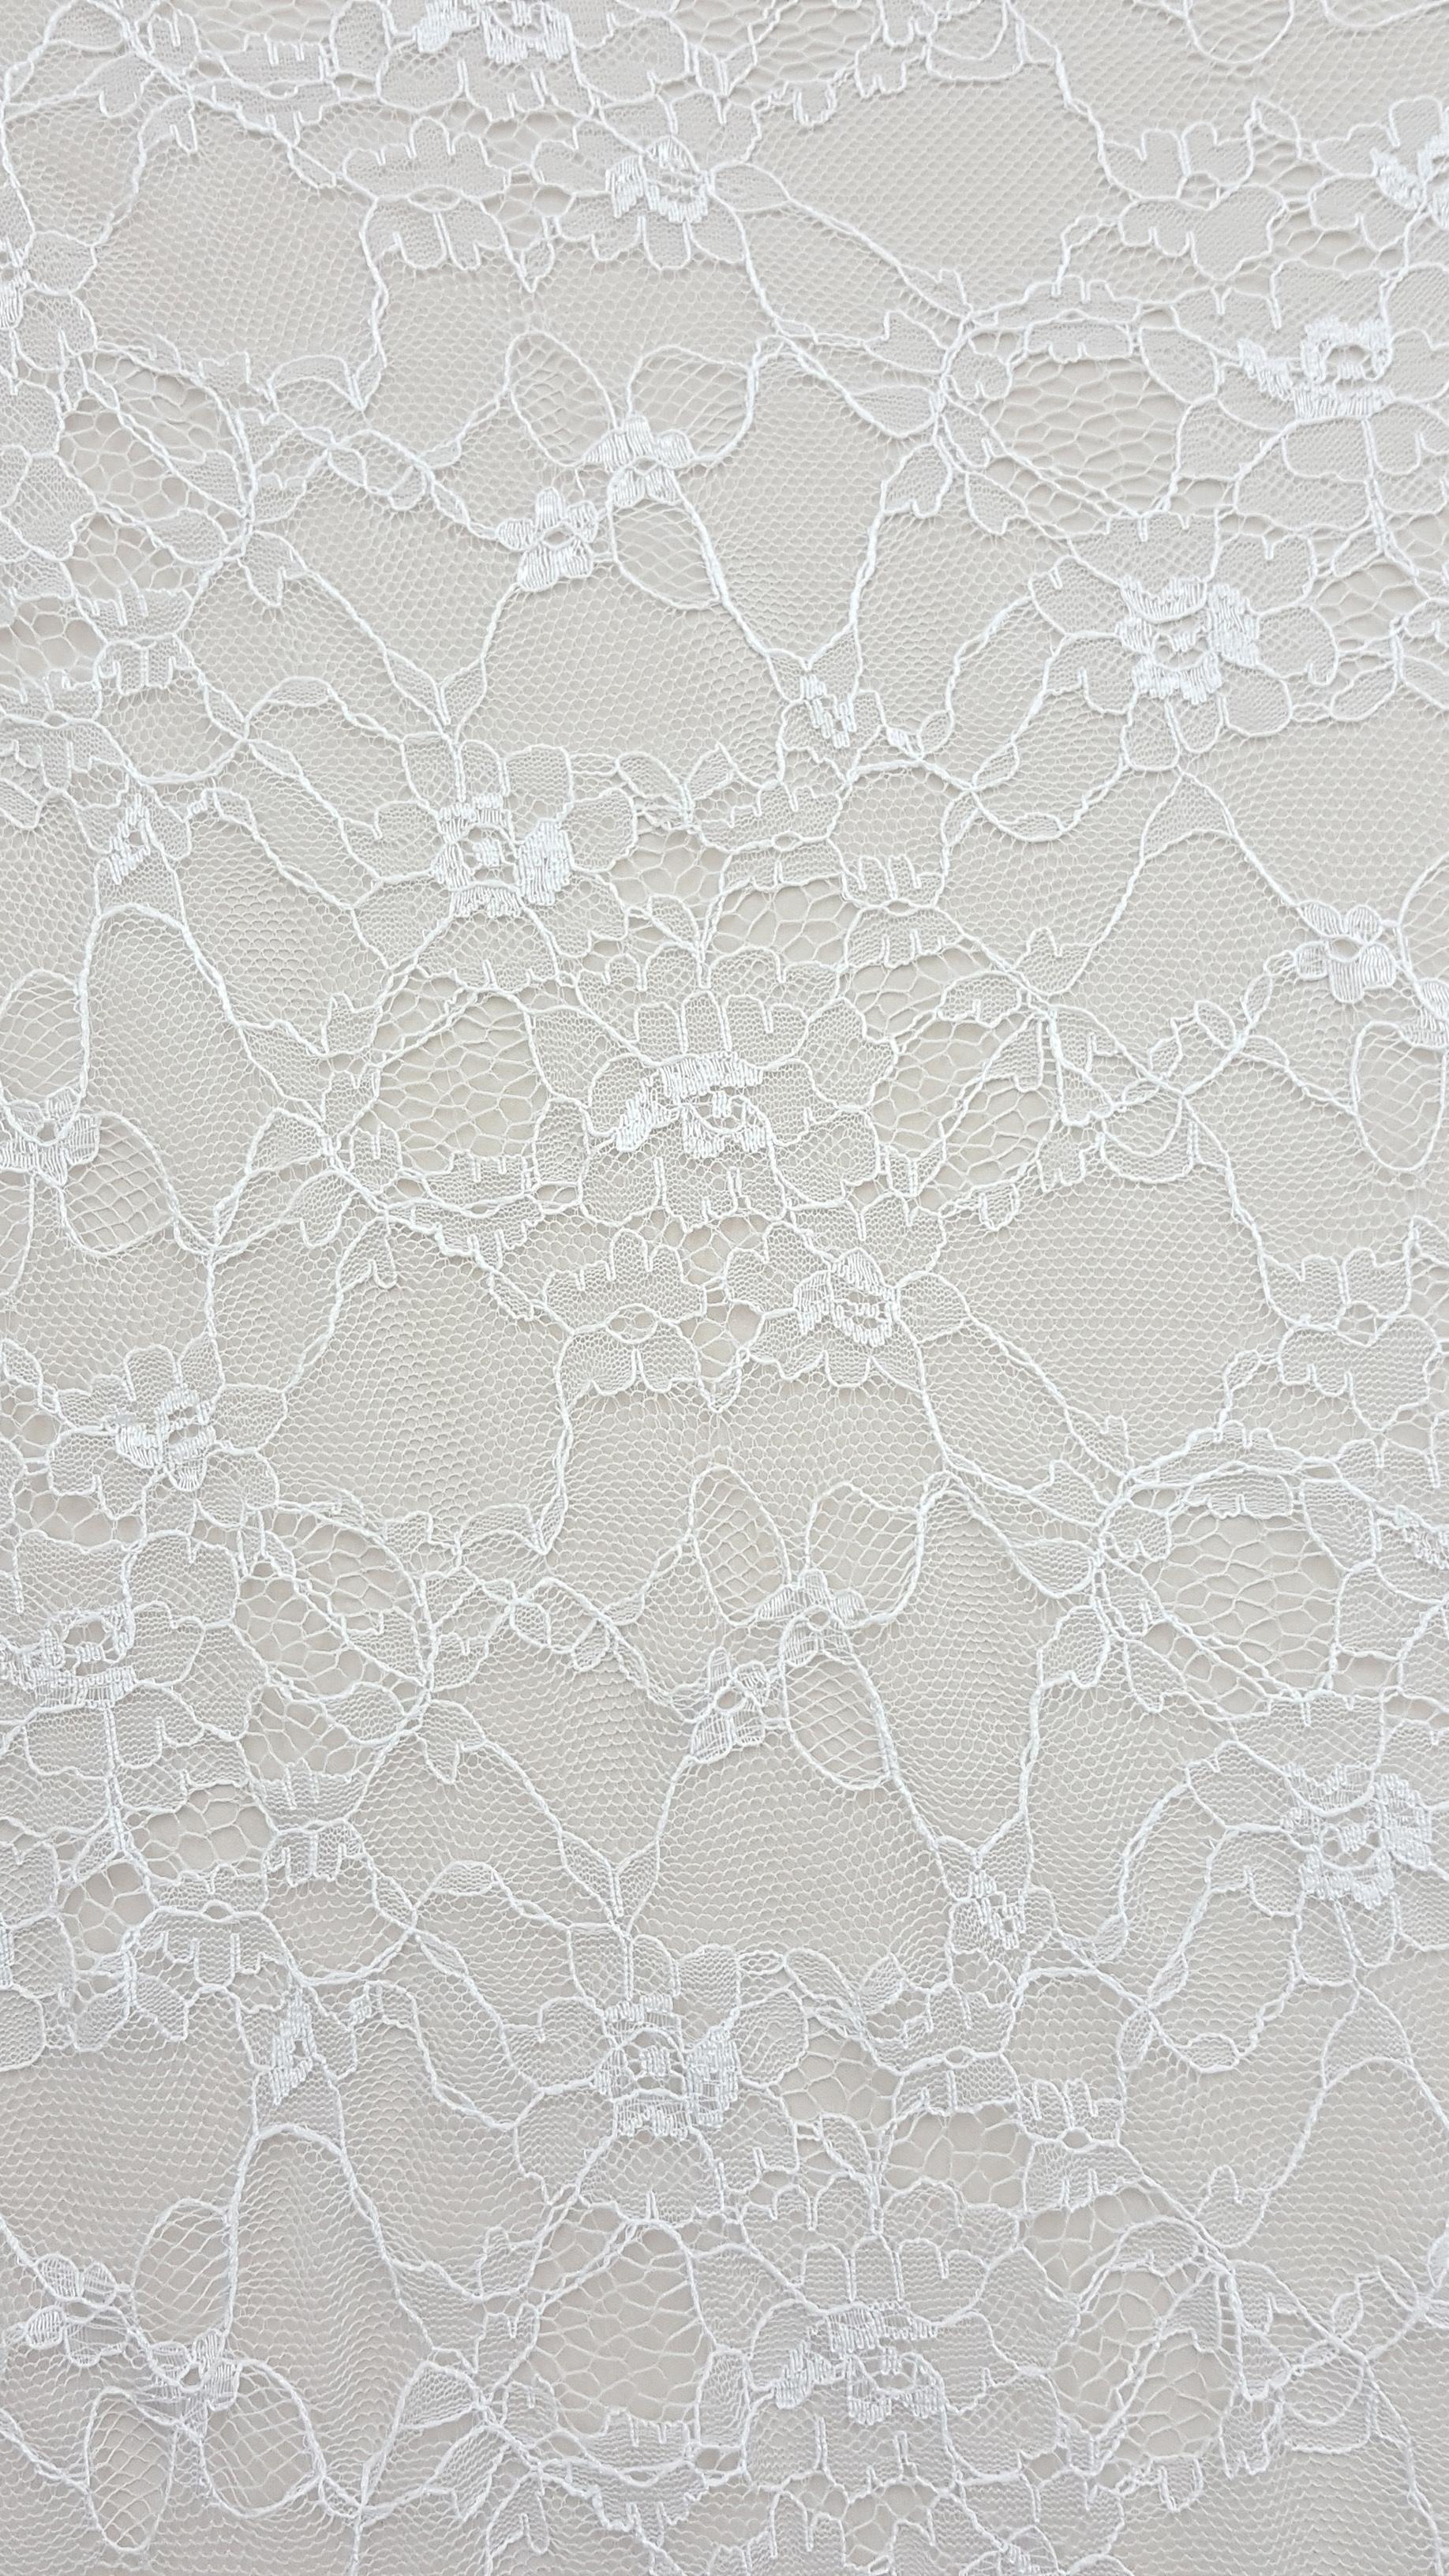 Floral Sheet Lace Amelia